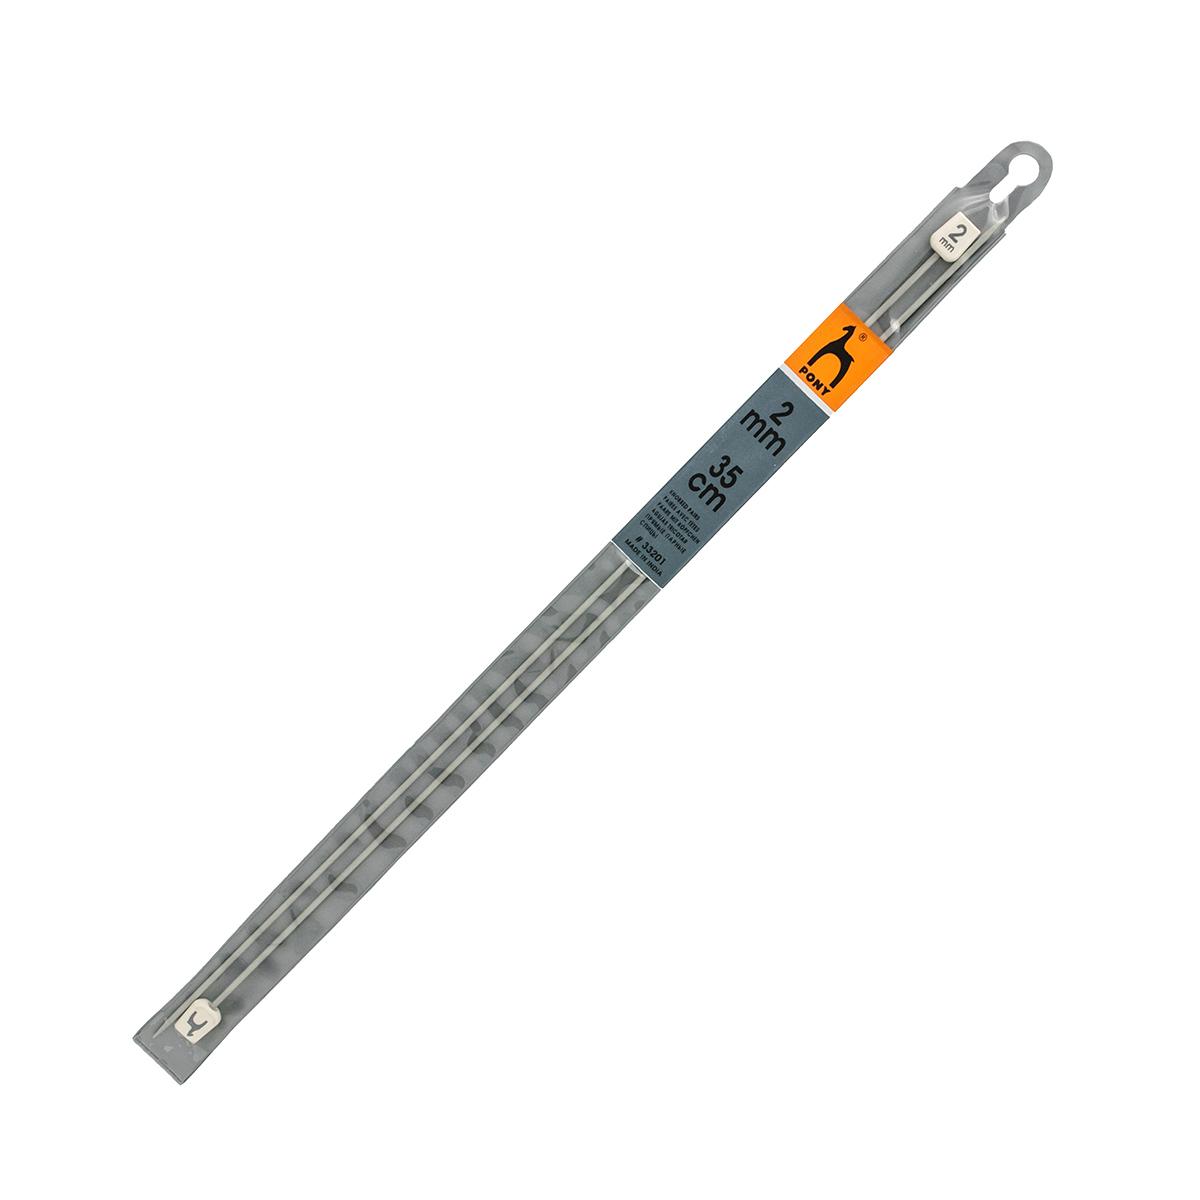 33601 Спицы прямые алюминий 2,0мм*35см PONY